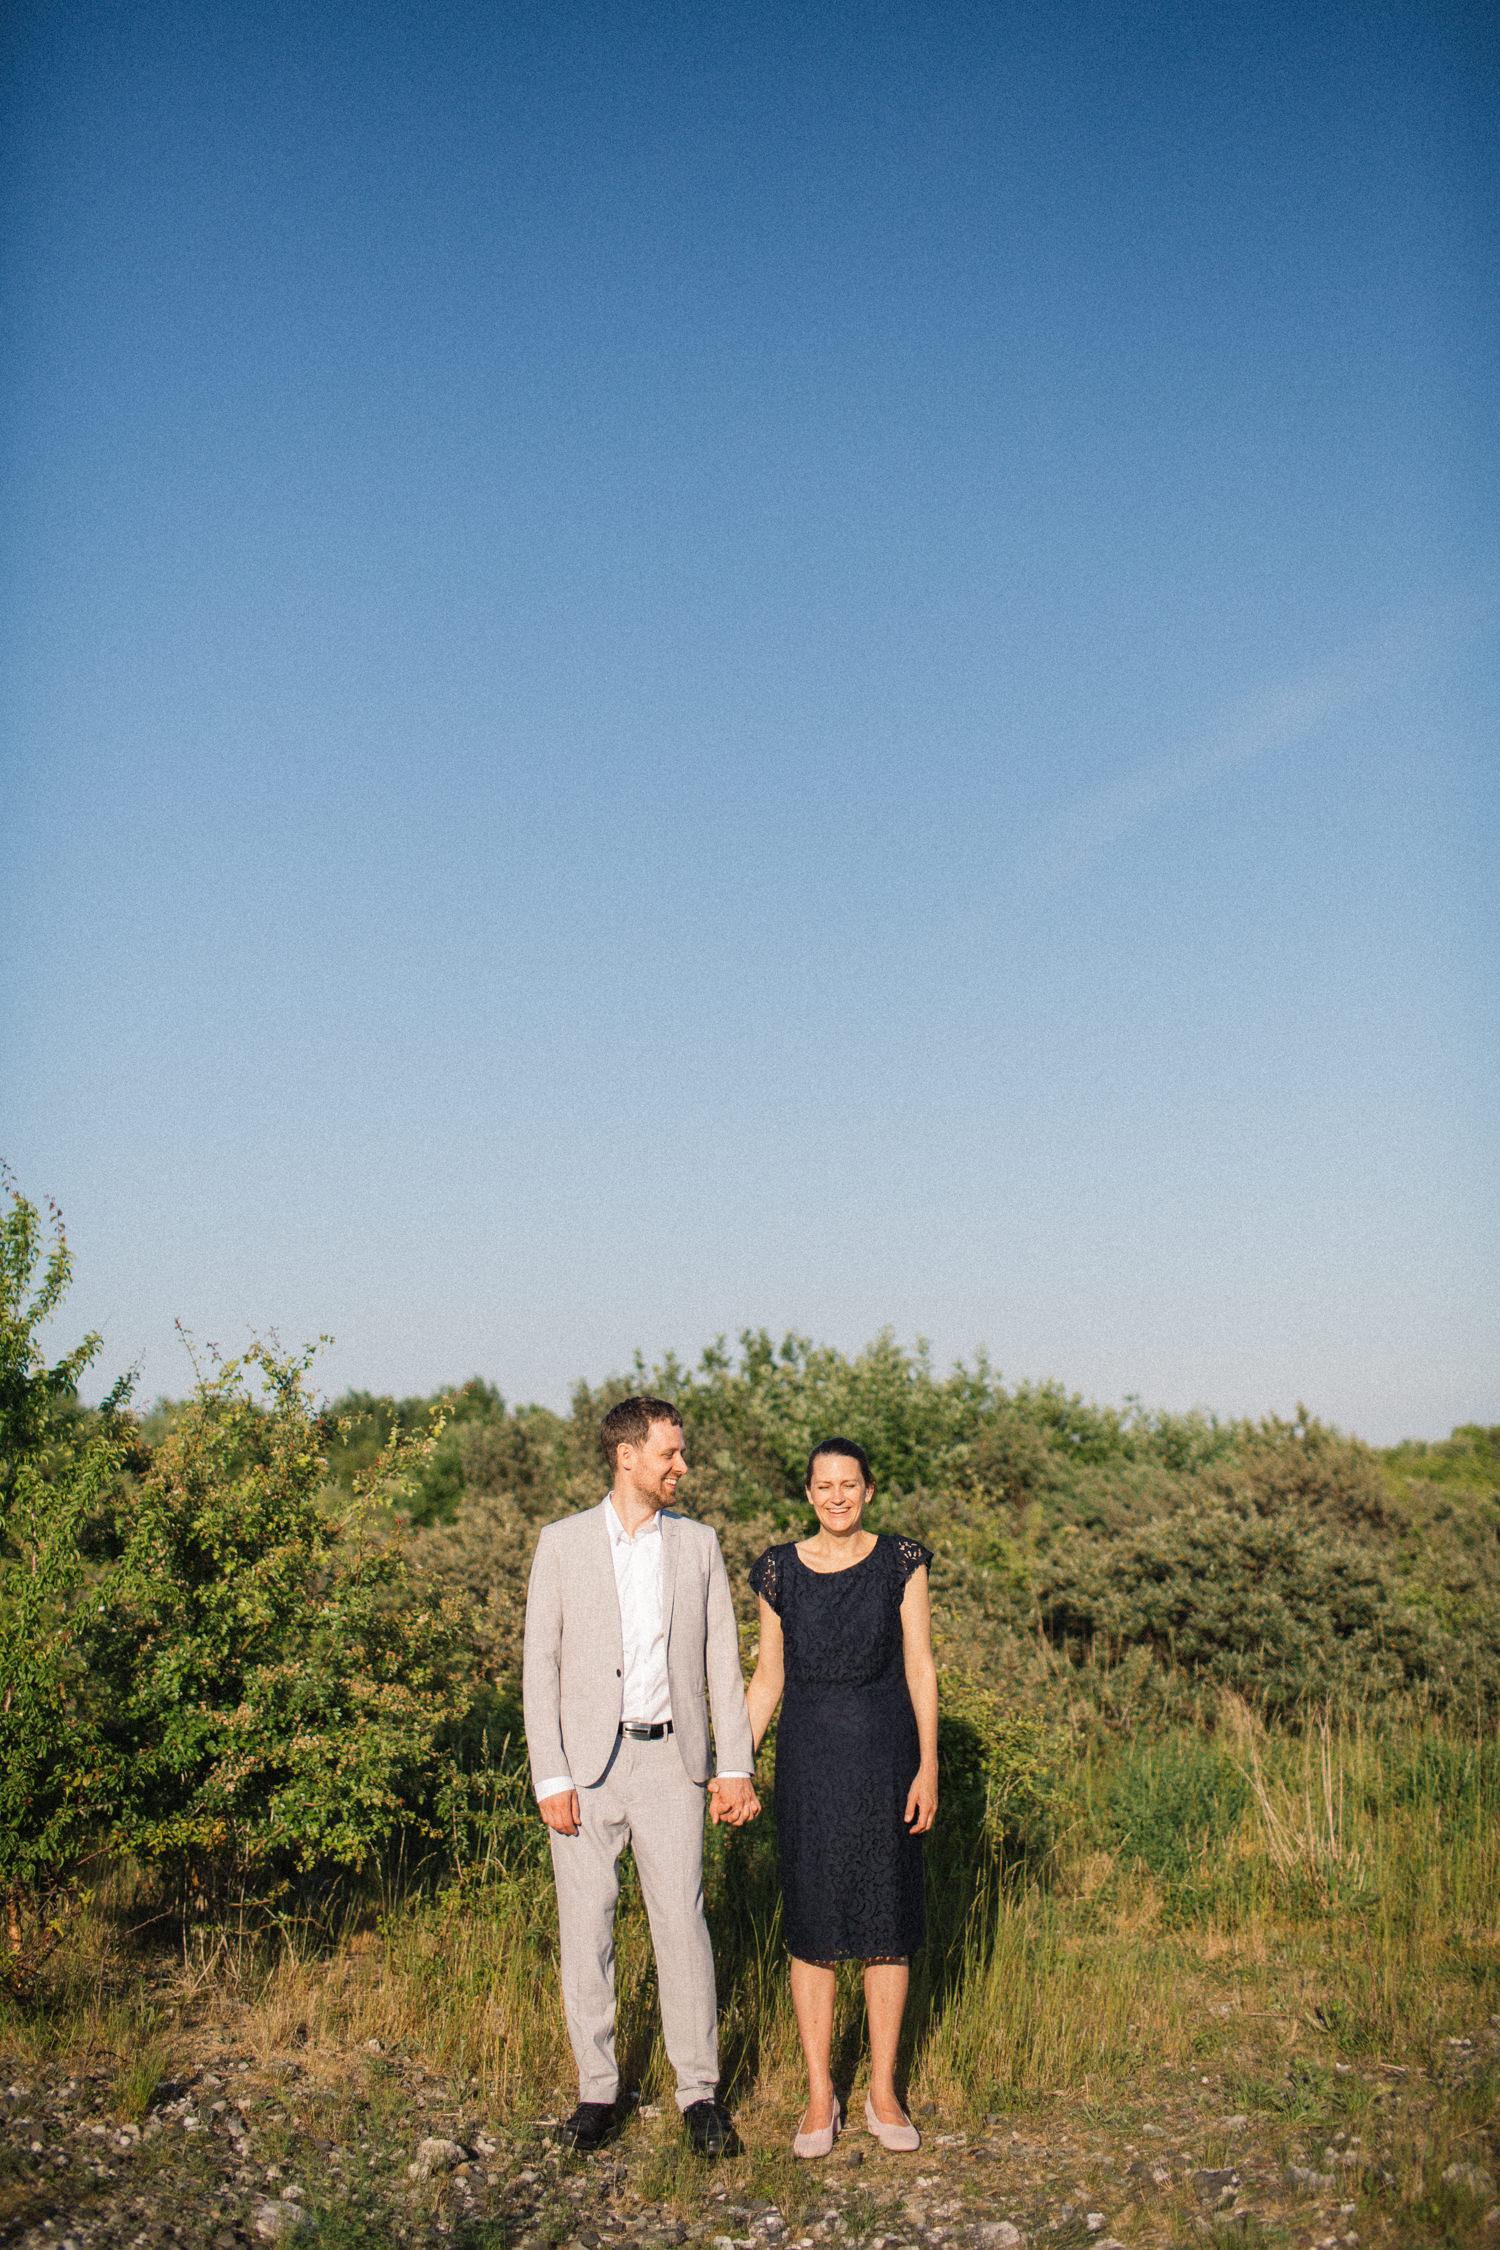 Solig bild på ett par vid Utsiktspunkt Öresundsbron under deras provfotografering. Fotograf är Tove Lundquist.